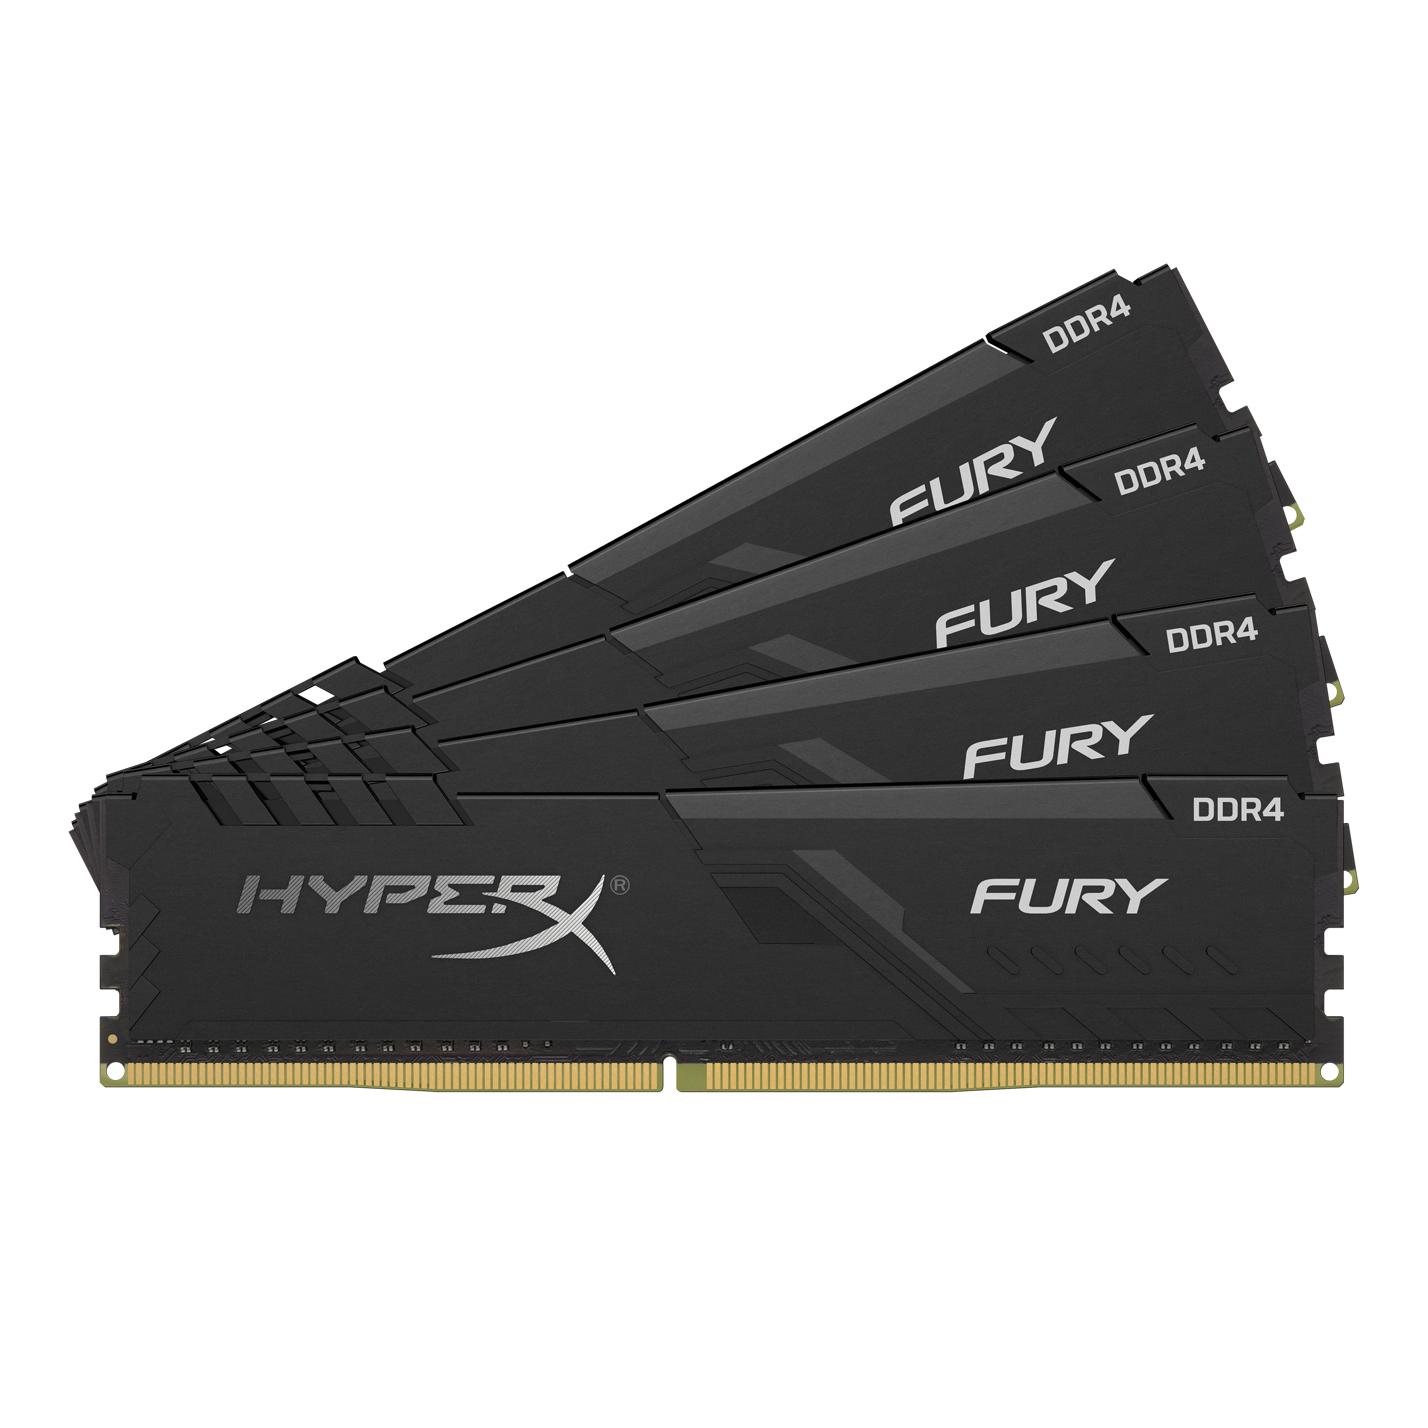 HyperX FURY HX424C15FB3K4/64 memory module 64 GB DDR4 2400 MHz